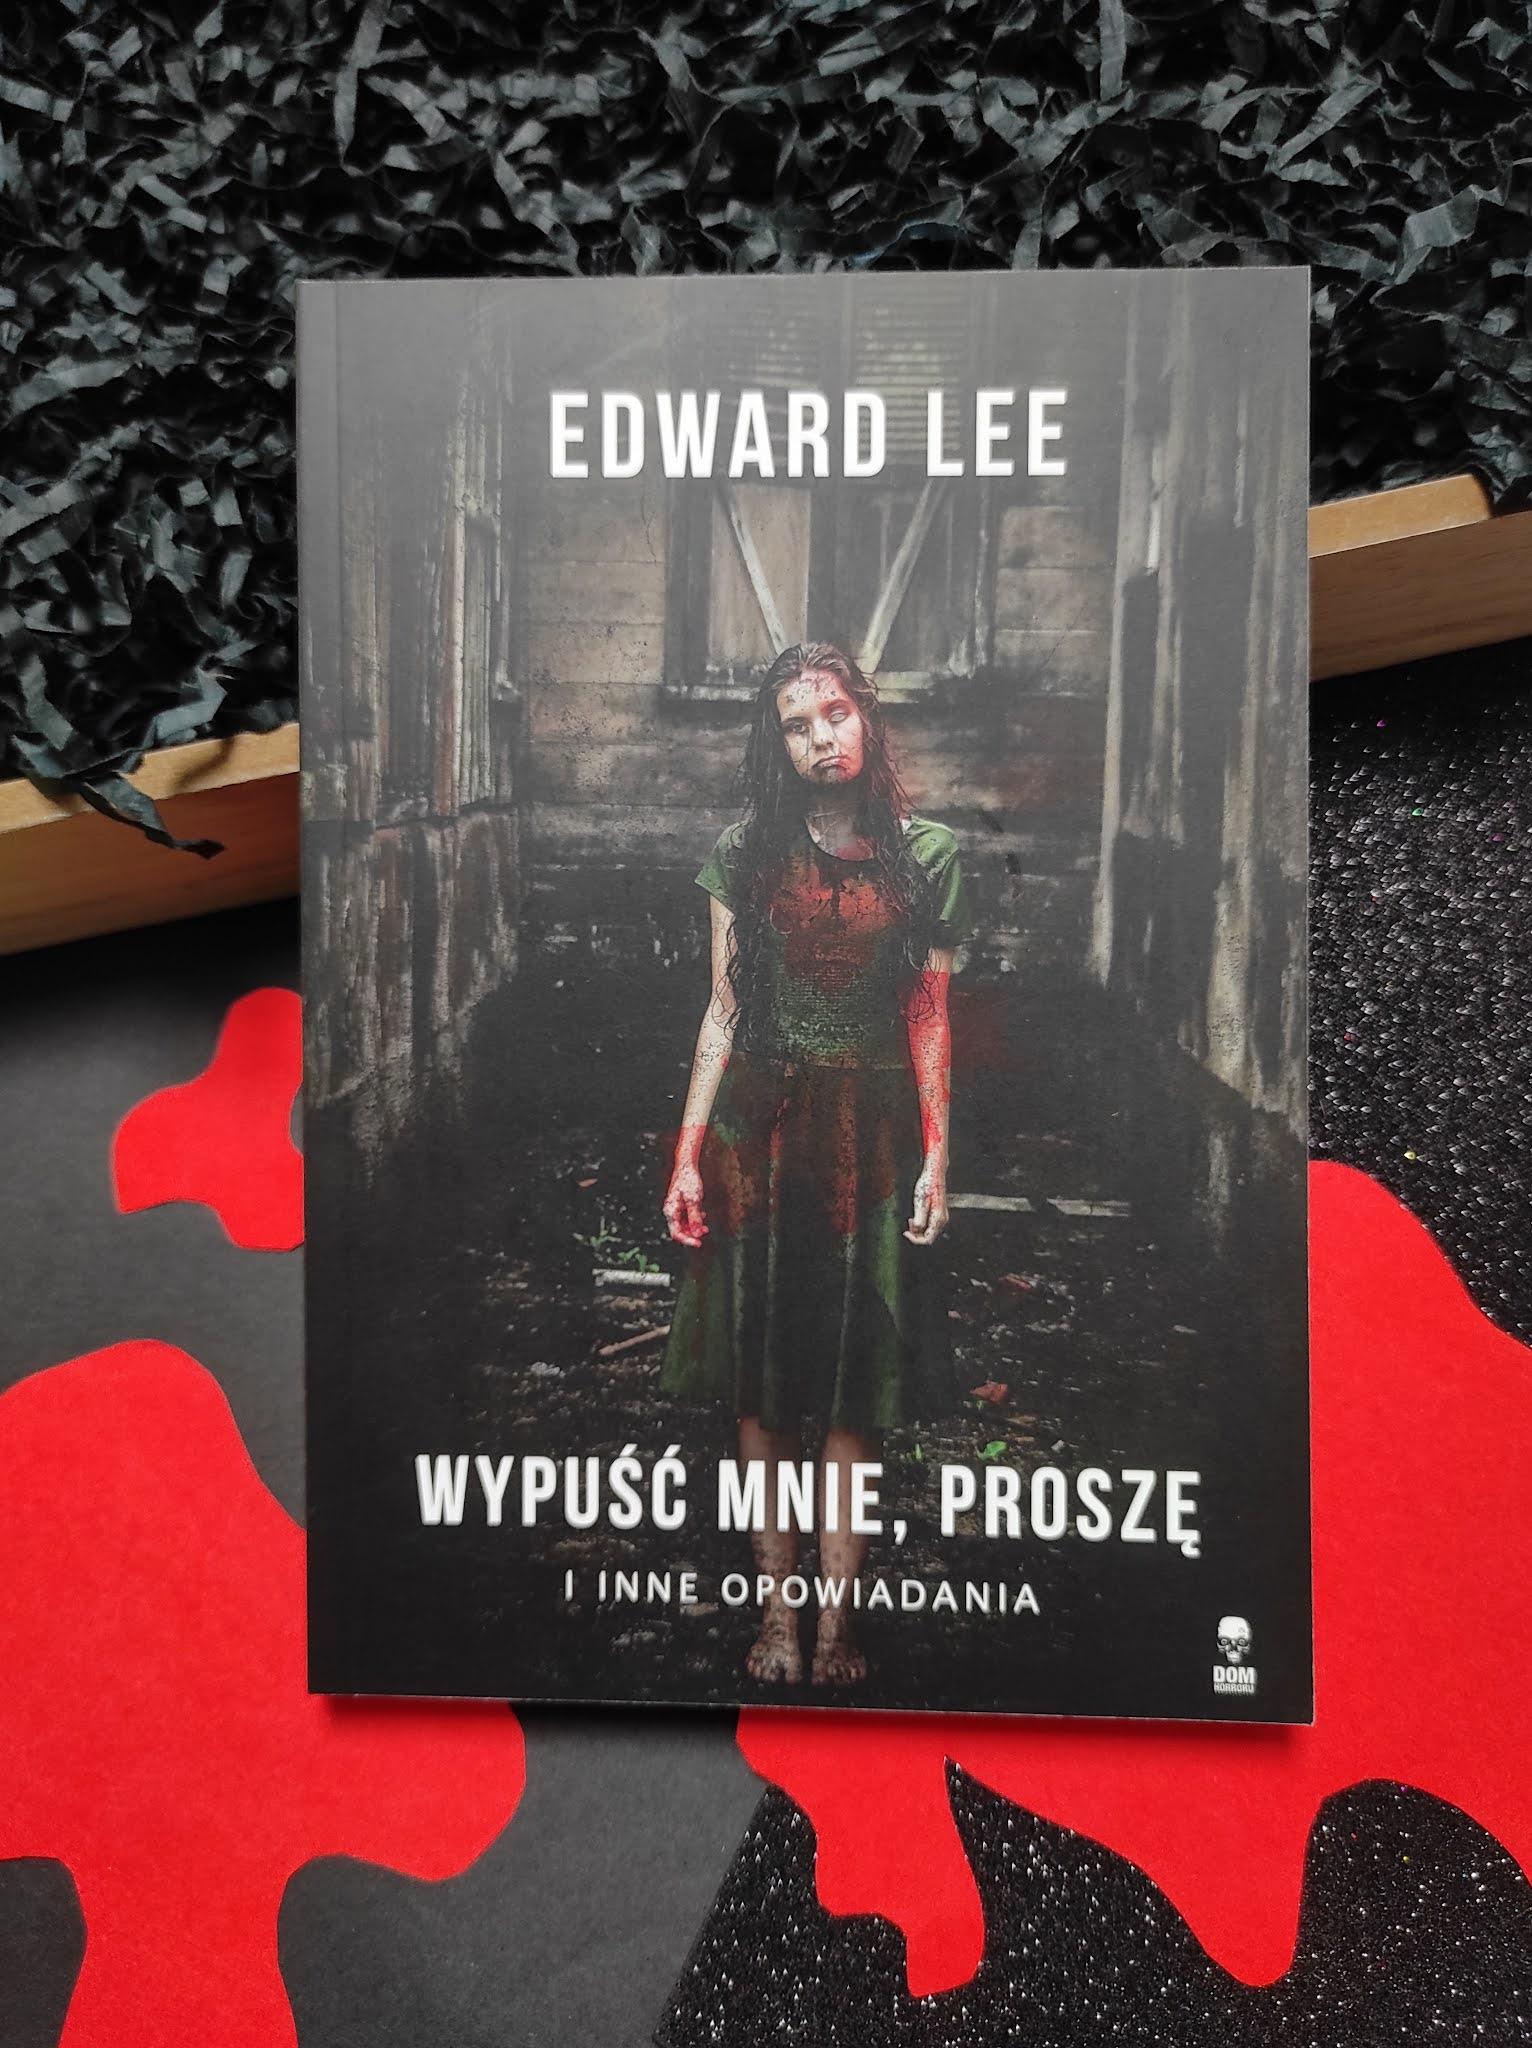 """""""Wypuść mnie, proszę"""" i inne opowiadania - Edward Lee - recenzja - księgarnia ANTMAG"""